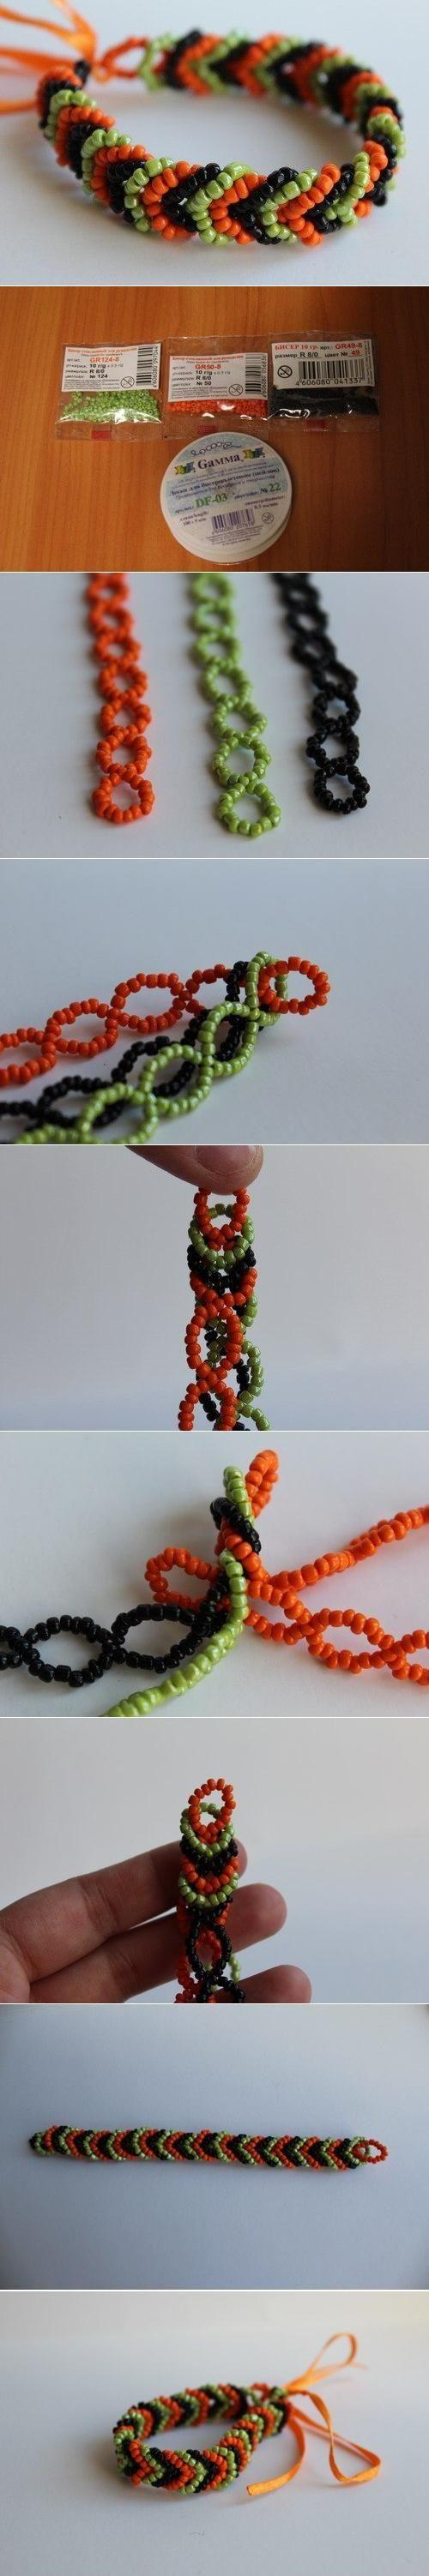 DIY Triple Beaded Braided Bracelet